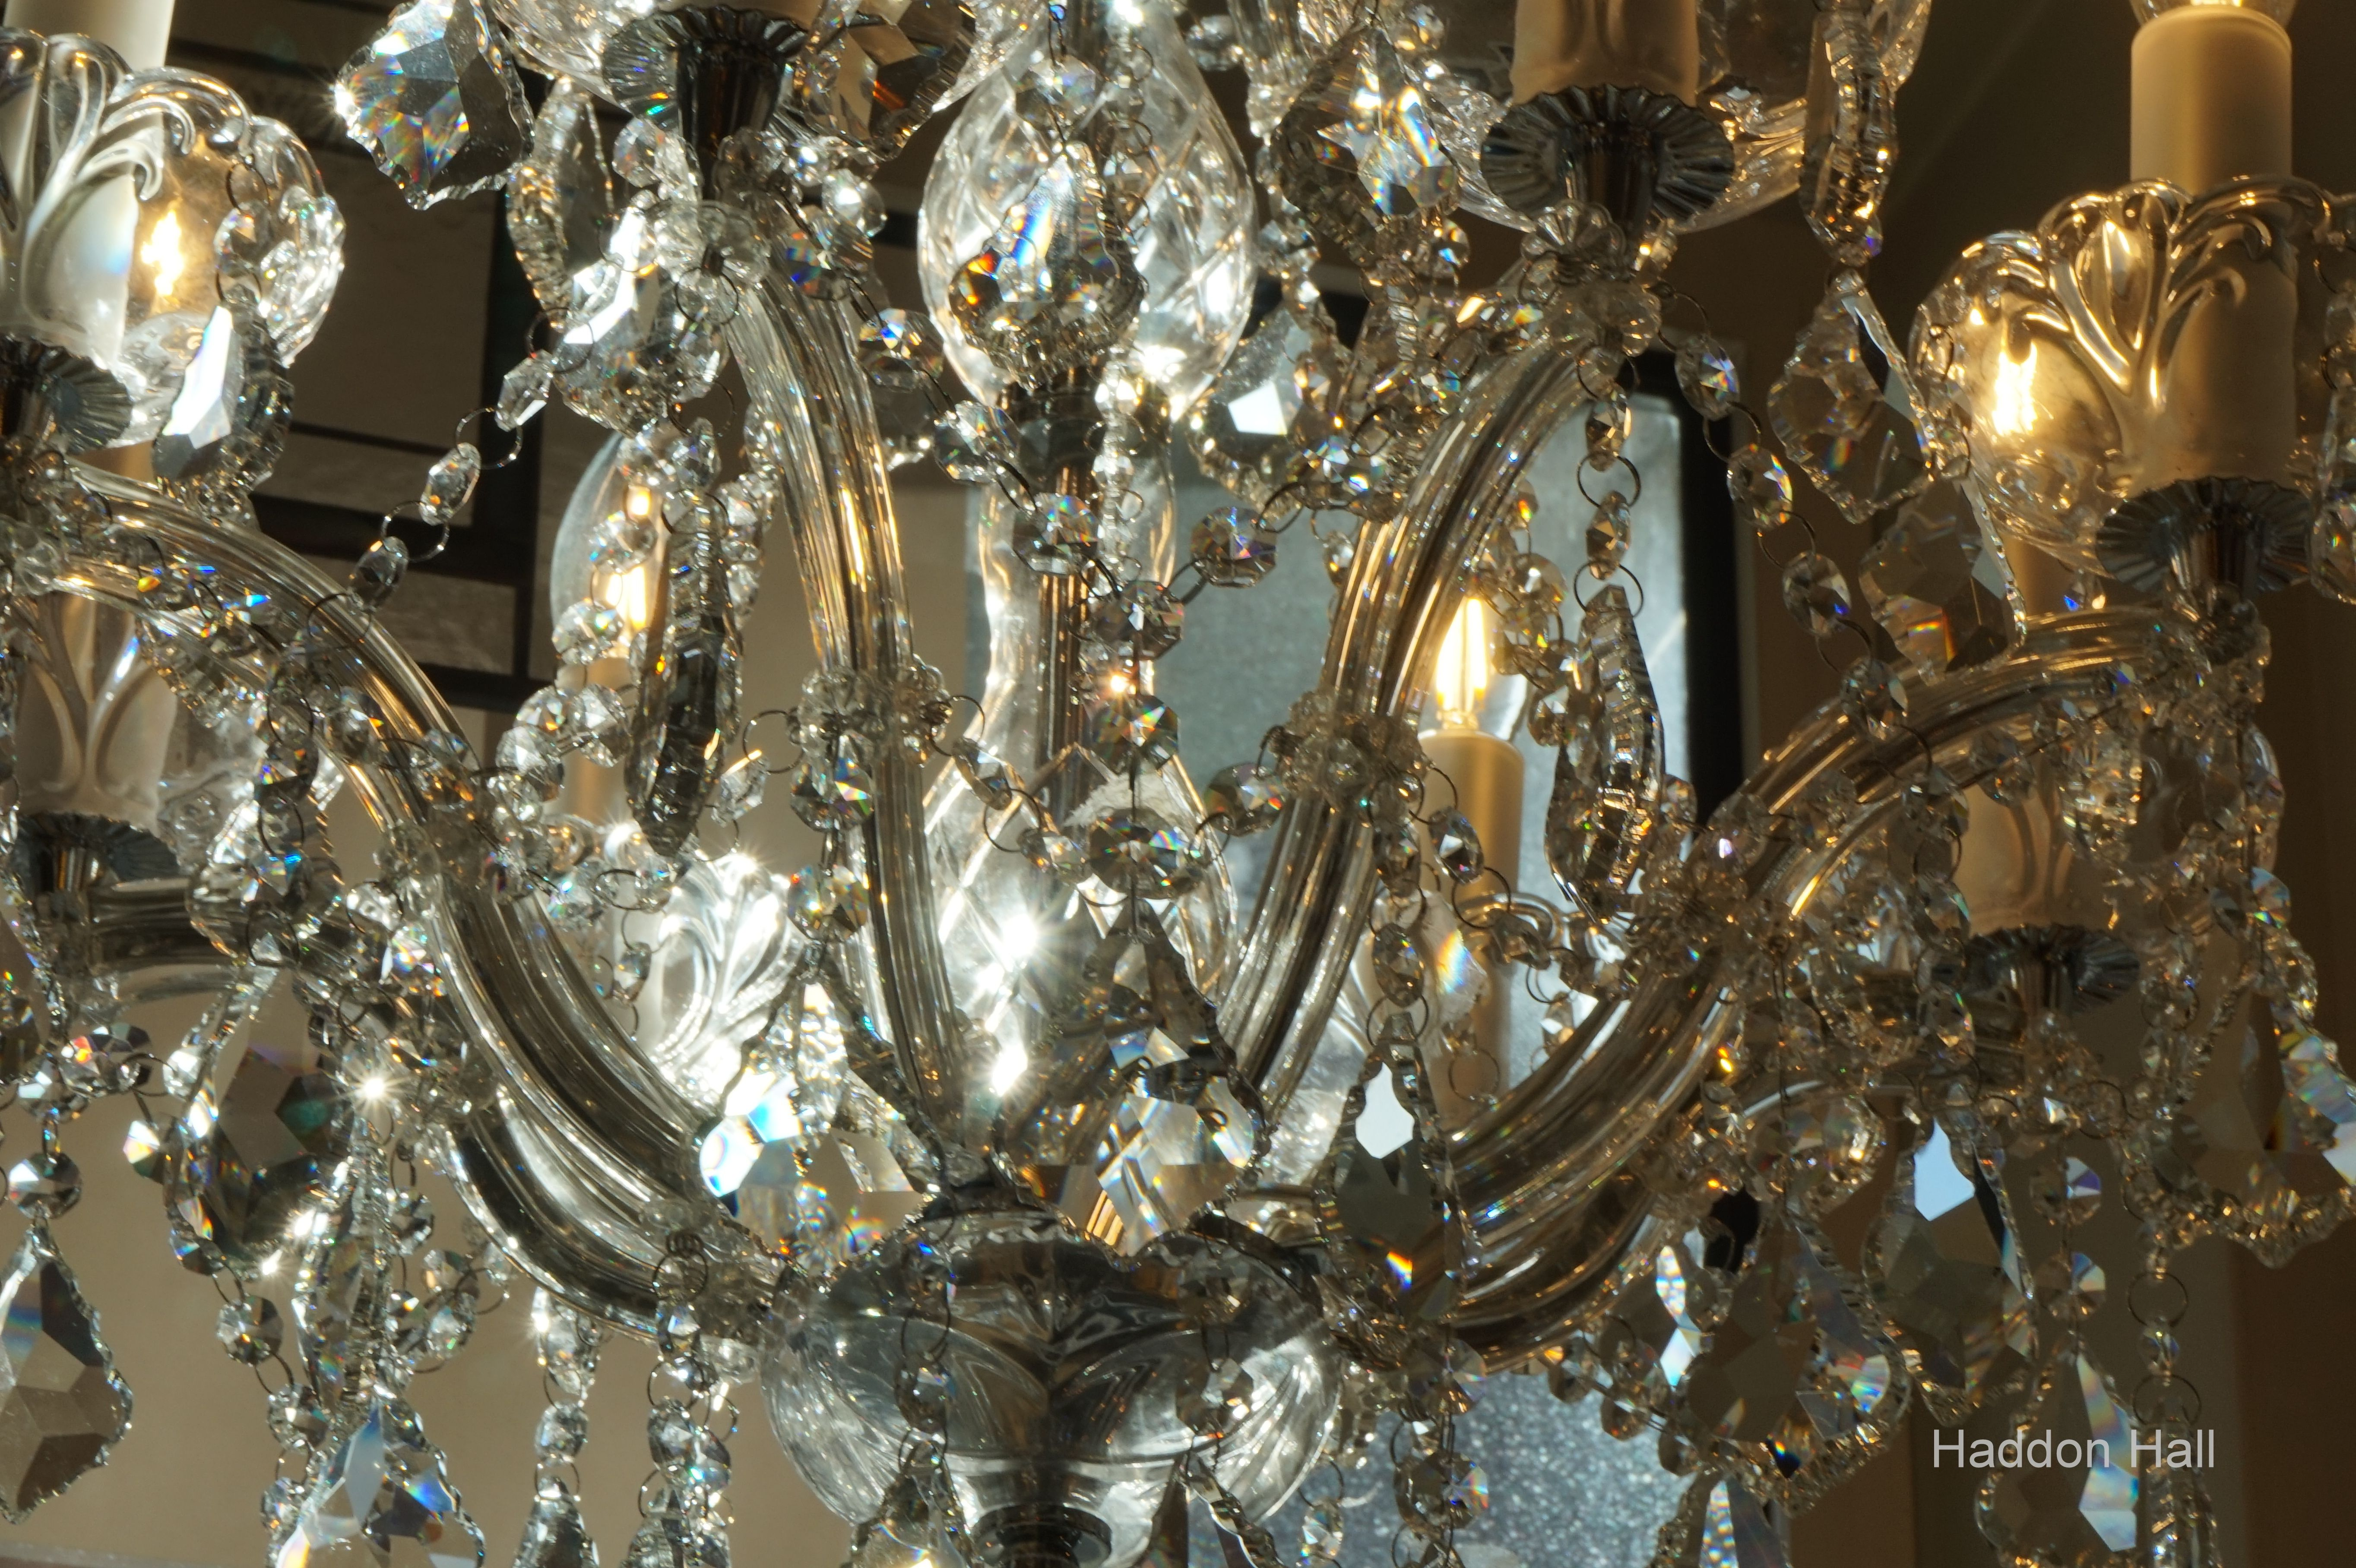 Kristal Lampen Amsterdam : Pin von de wereld van haddon hall auf kroonluchter kristal